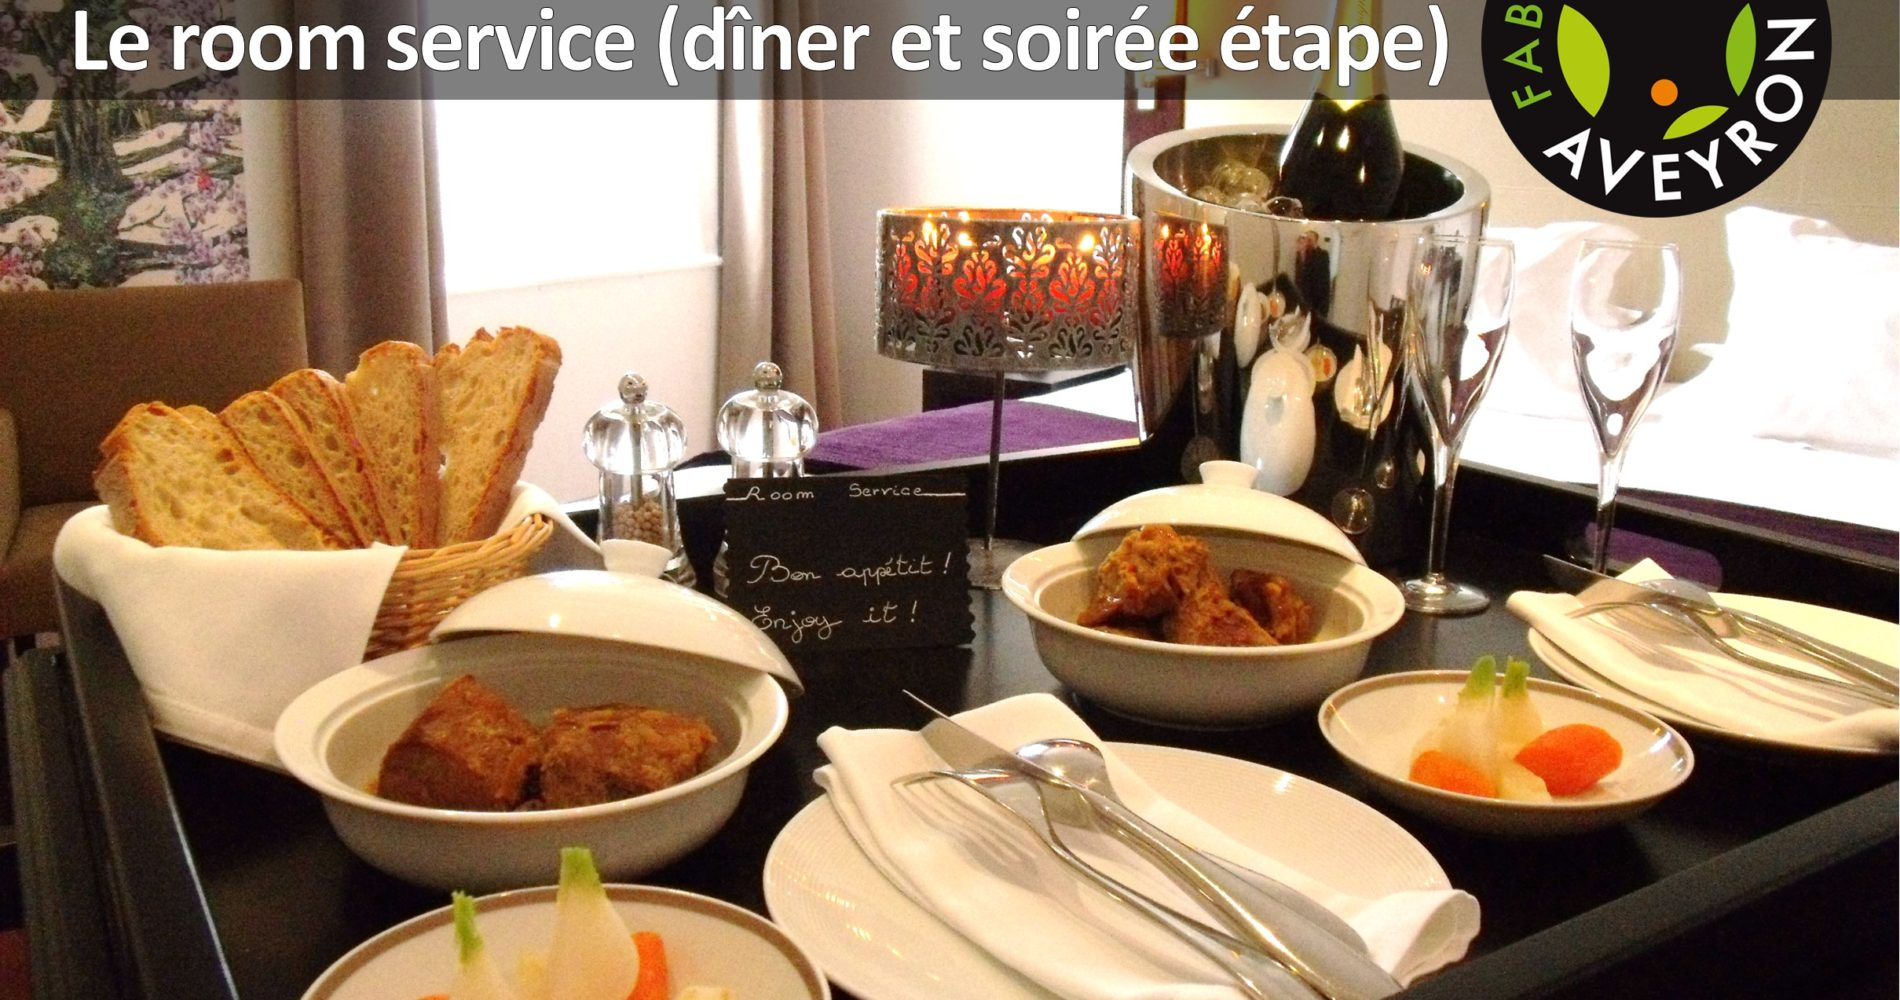 hotel Rodez etape soiree